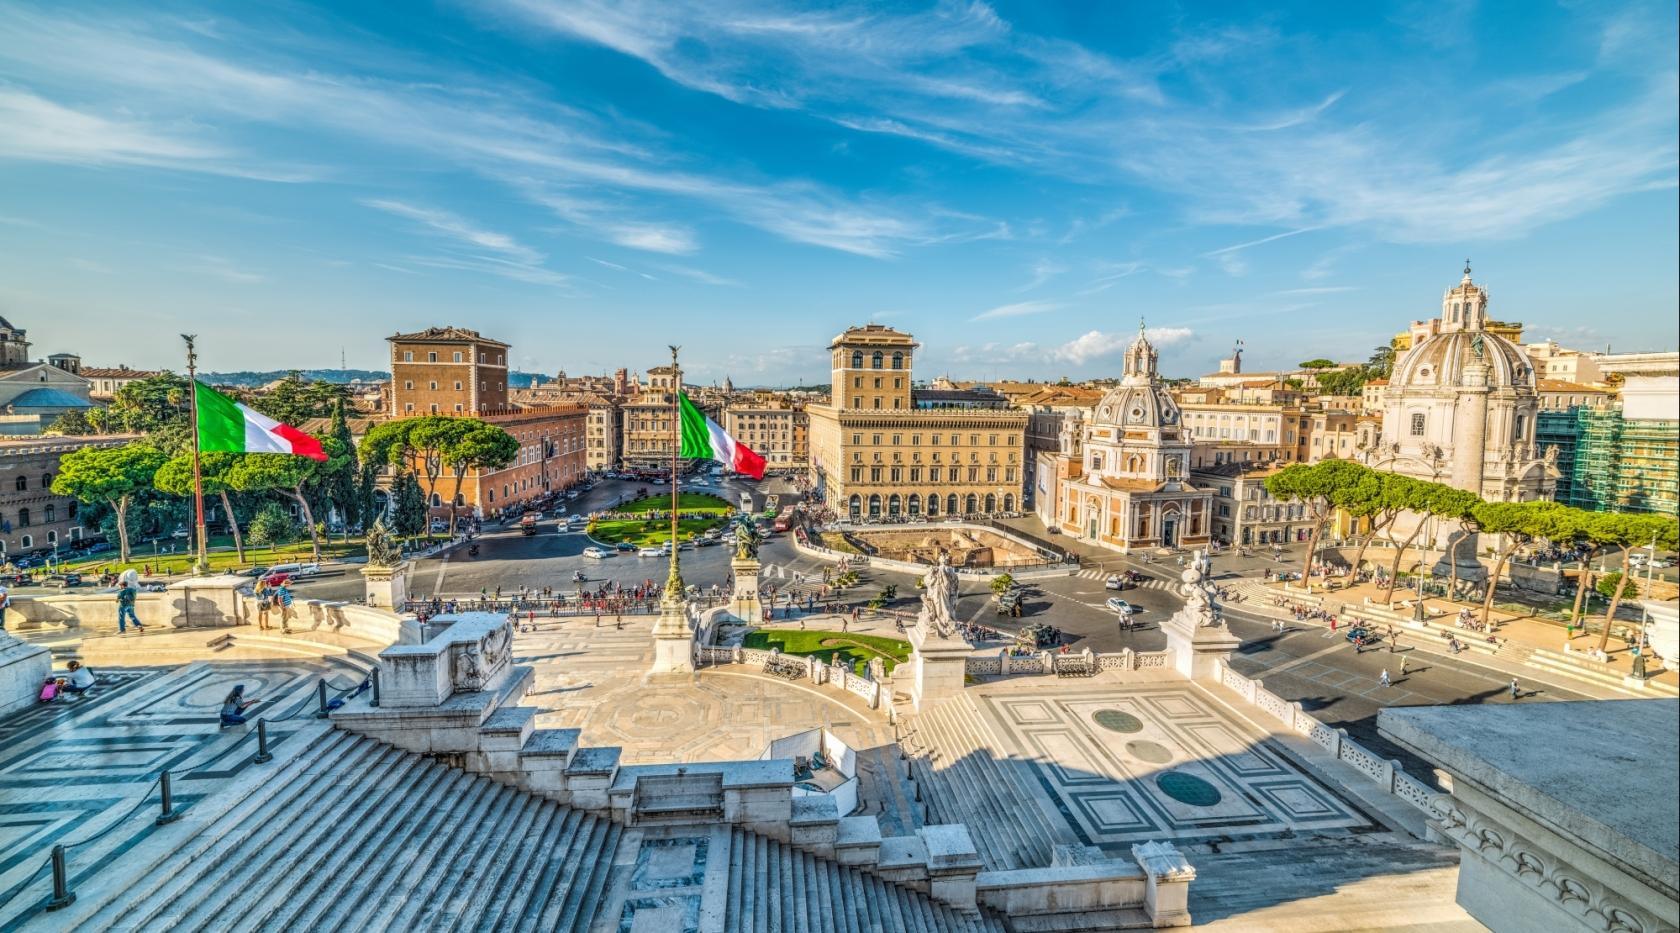 Cosa vedere a Roma - Piazza Venezia - Hotel Raffaello Roma 3 stelle